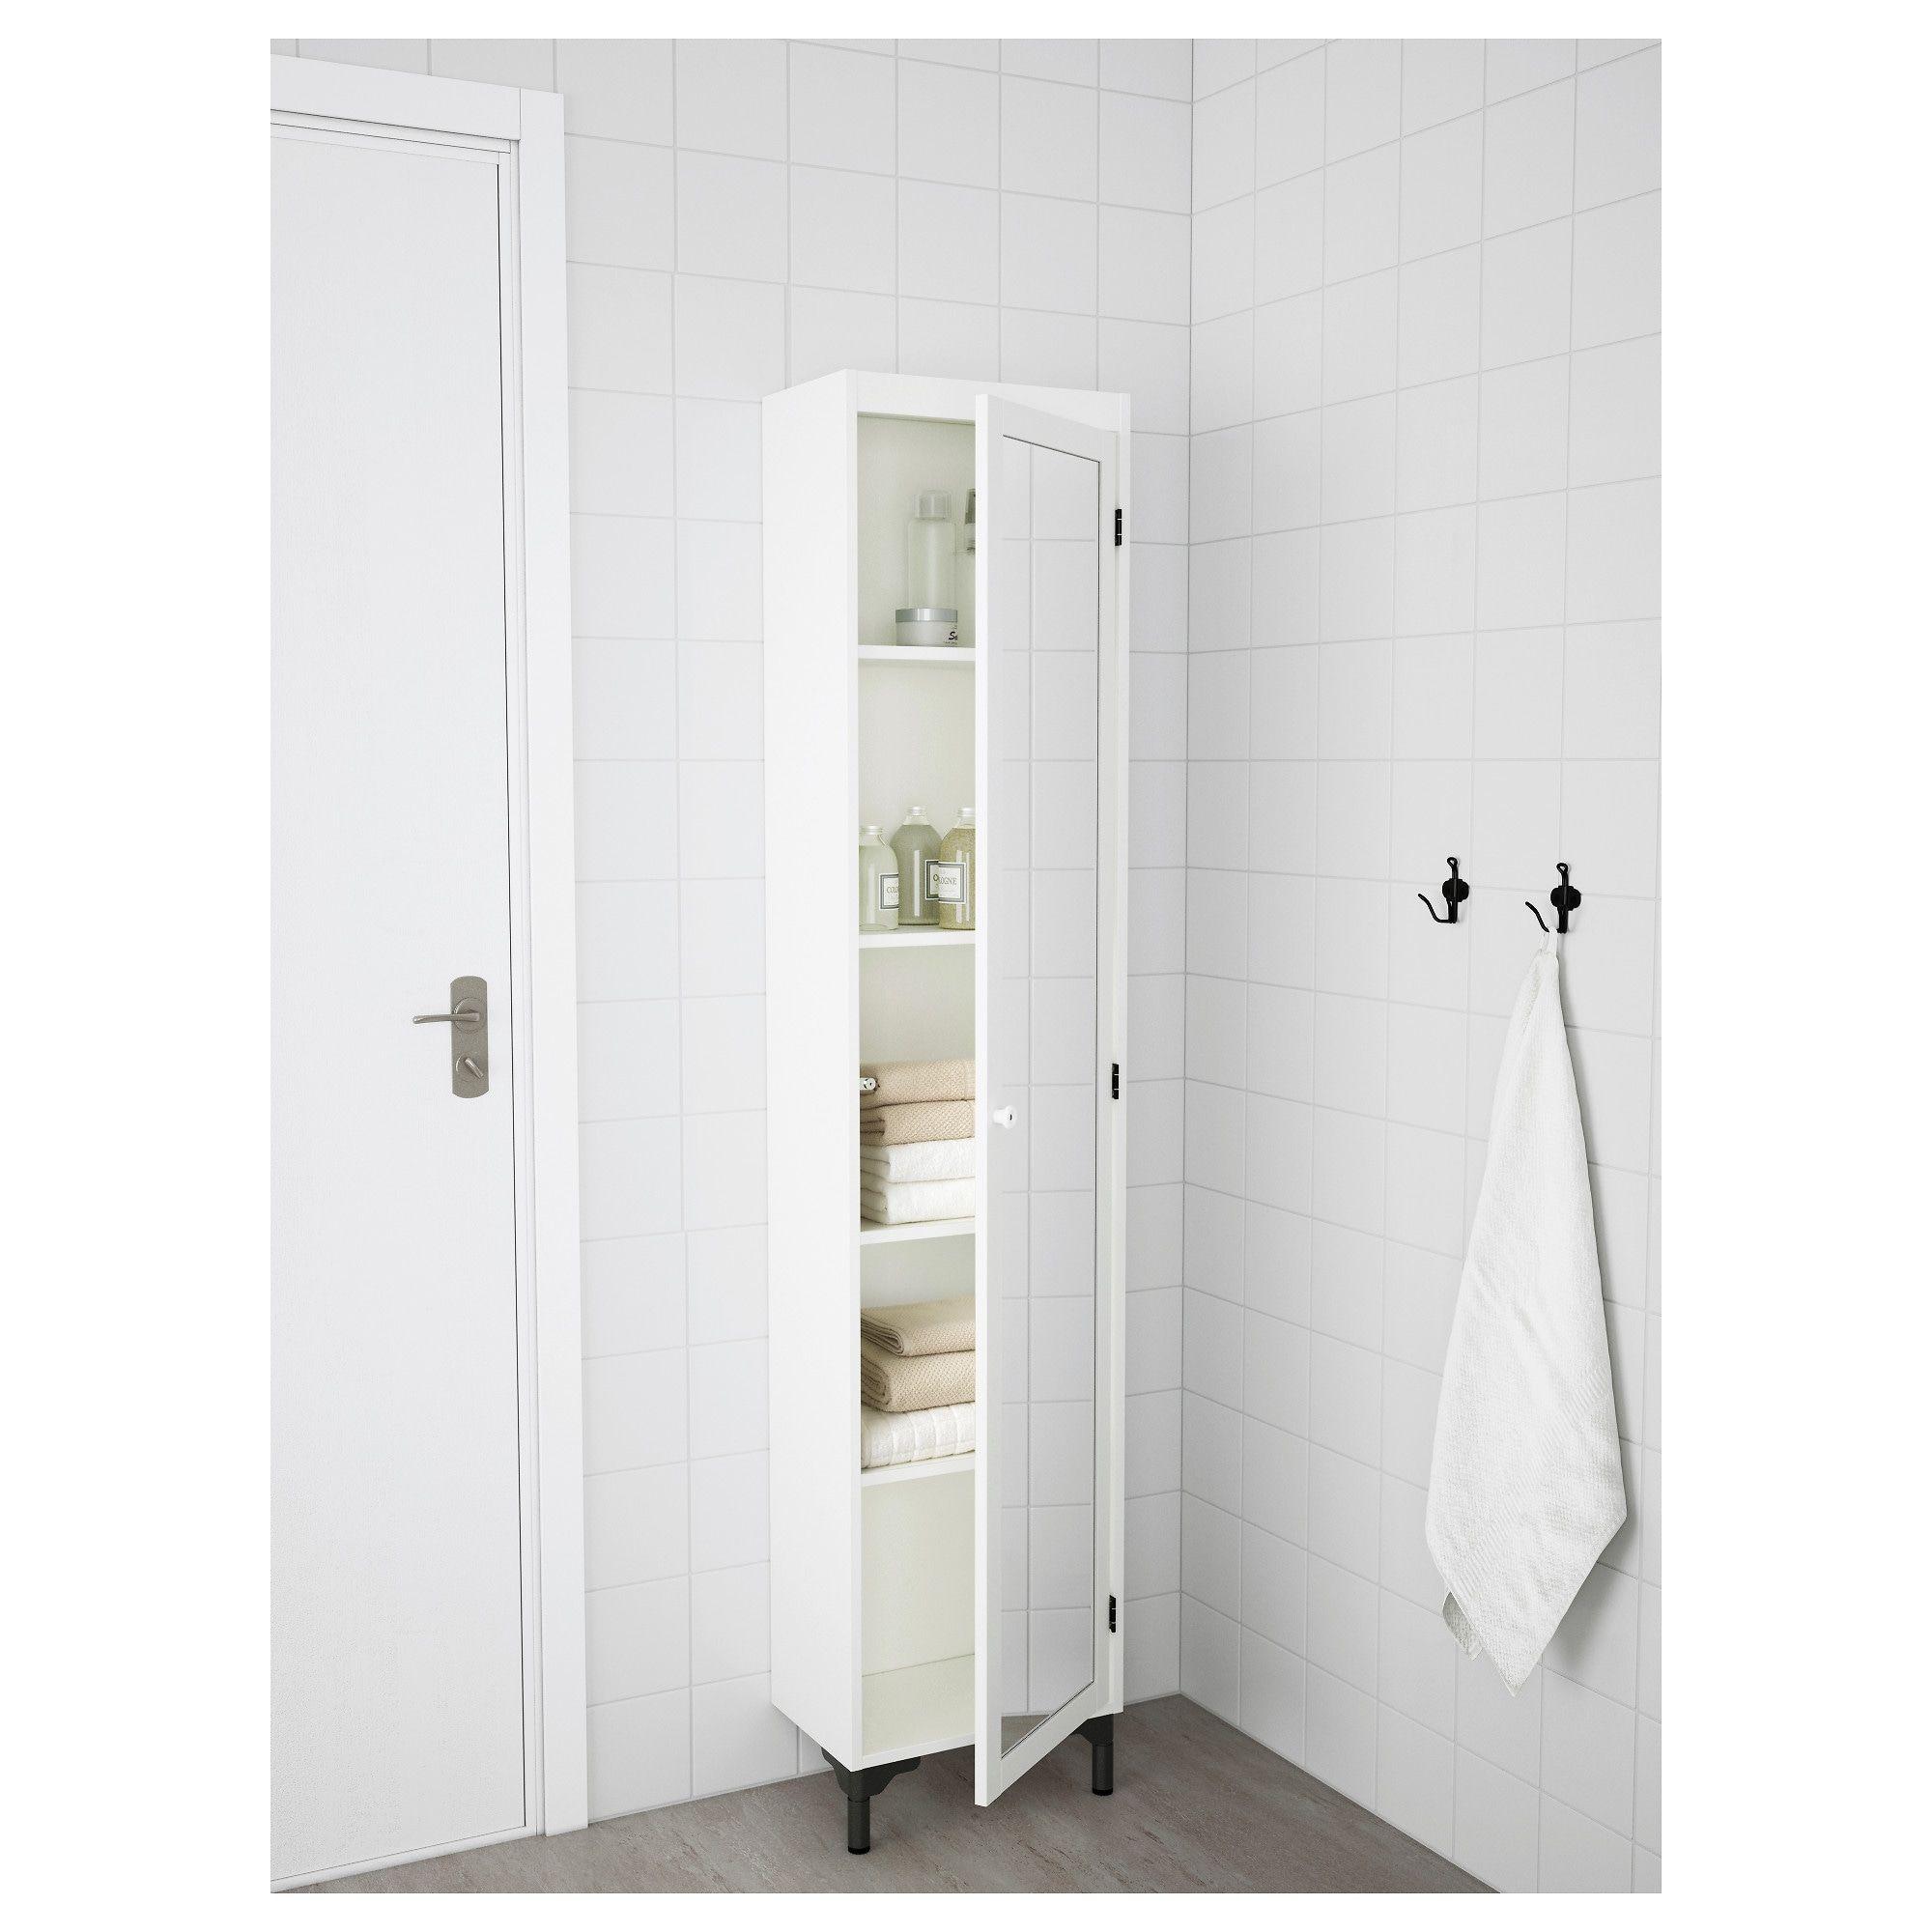 Silveran Colonne Avec Porte Miroir Blanc 40x25x172 Cm Ikea Meuble Rangement Salle De Bain Lingere Porte Miroir